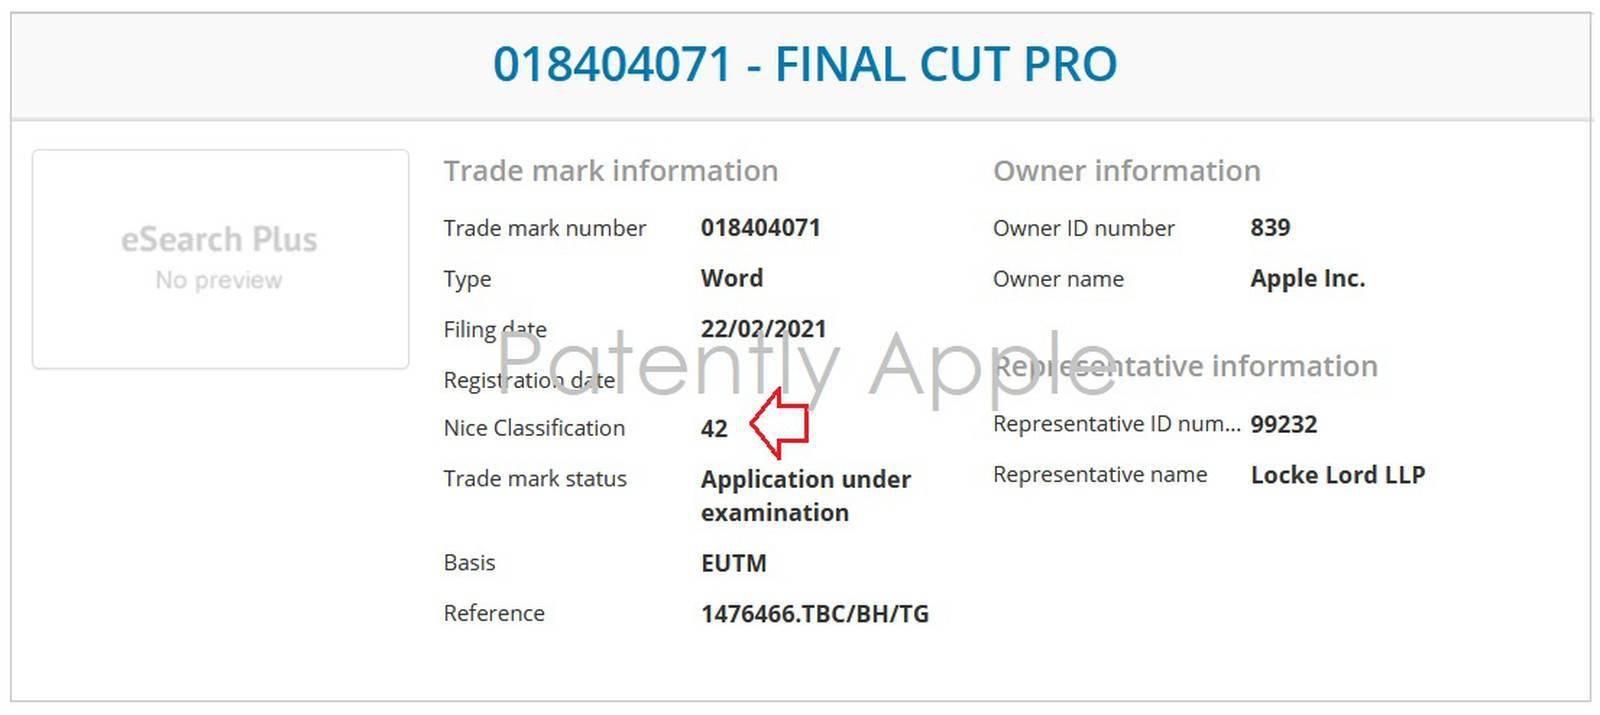 苹果修改Final Cut Pro商标:可能转变为订阅模式